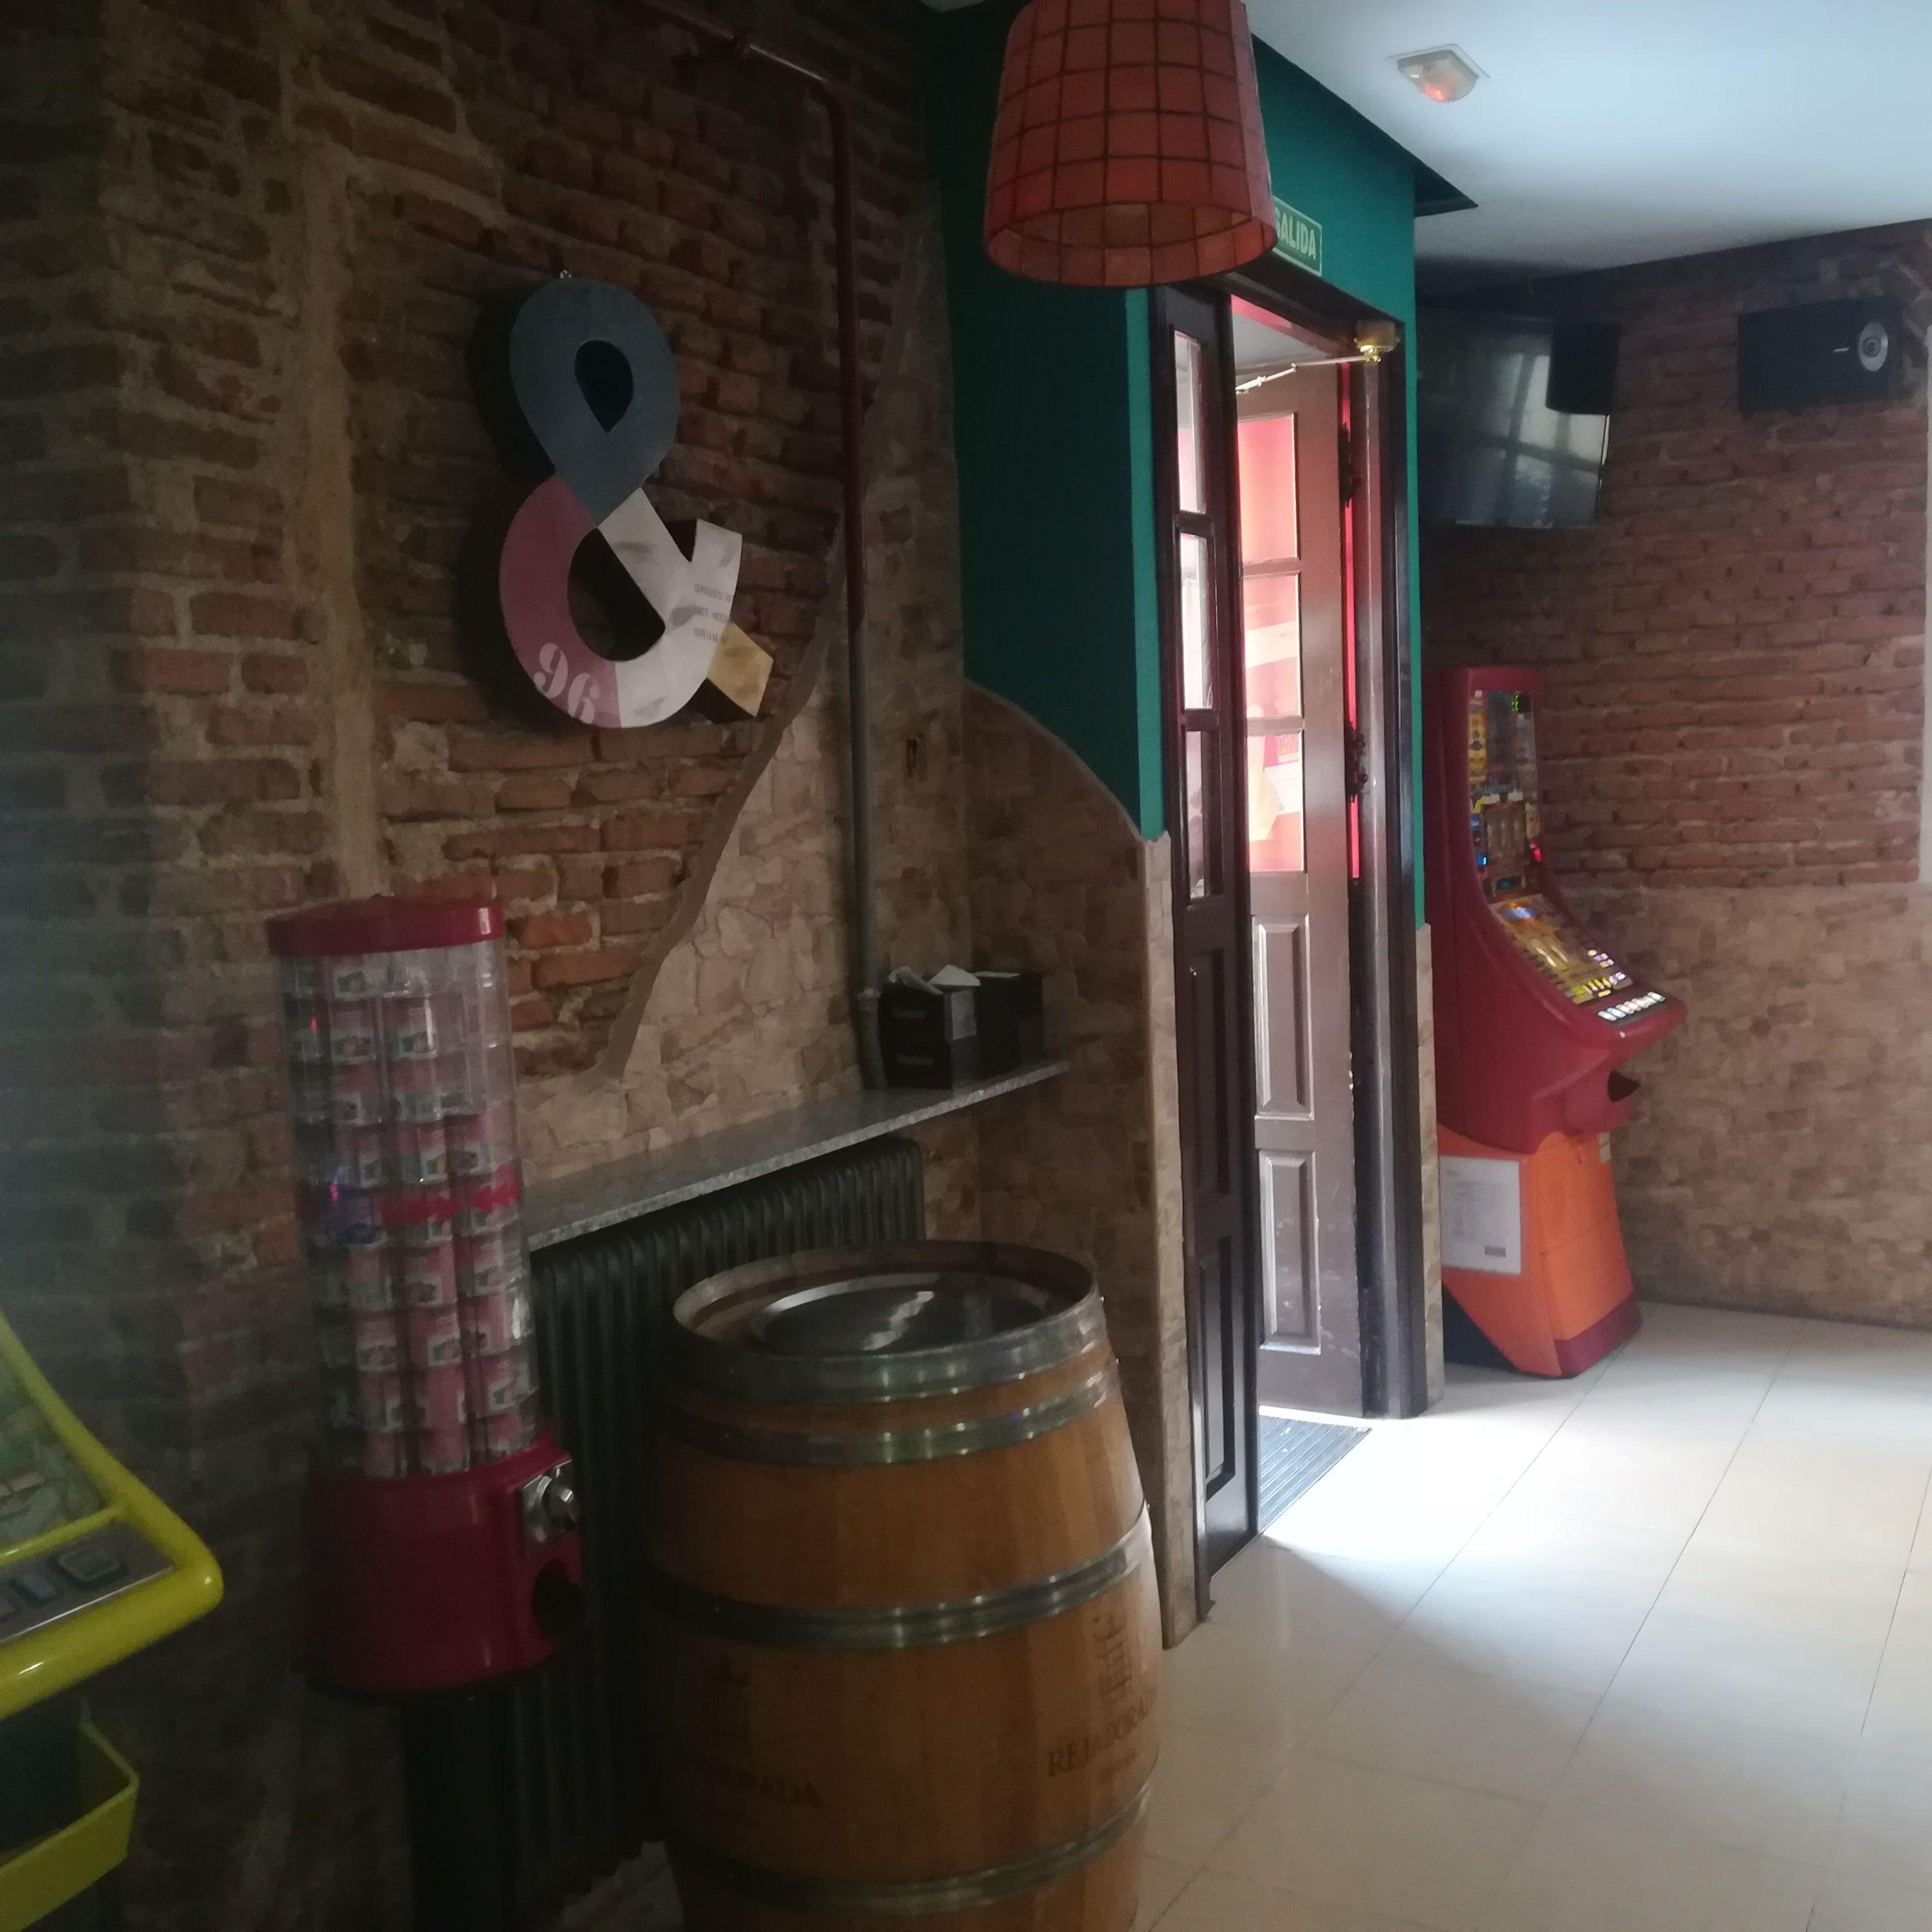 Bares eventos privados Peñaranda de Bracamonte